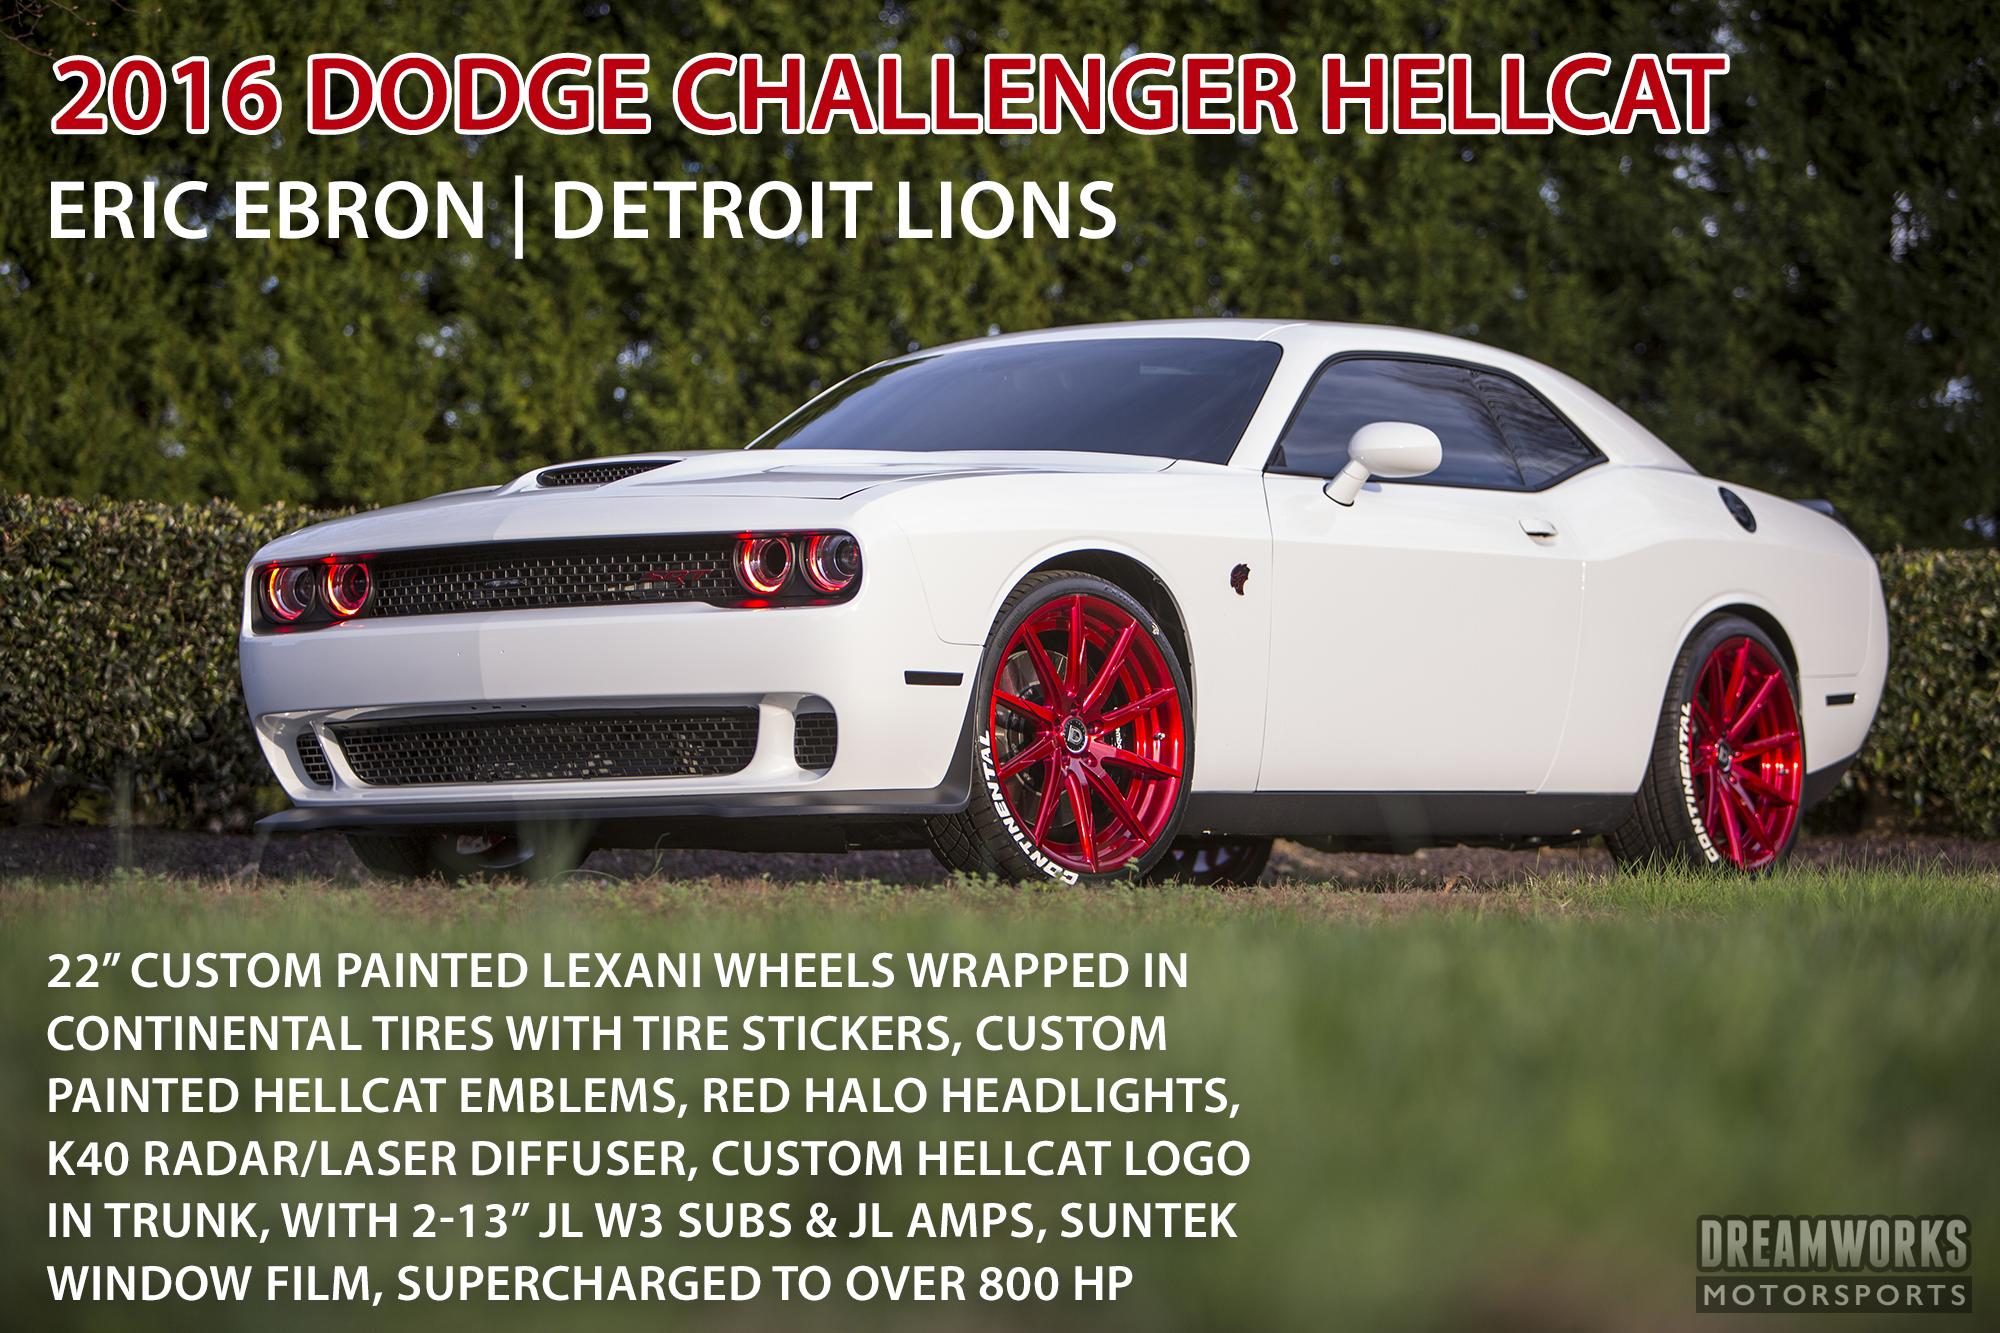 Dodge Dreamworks Motorsports